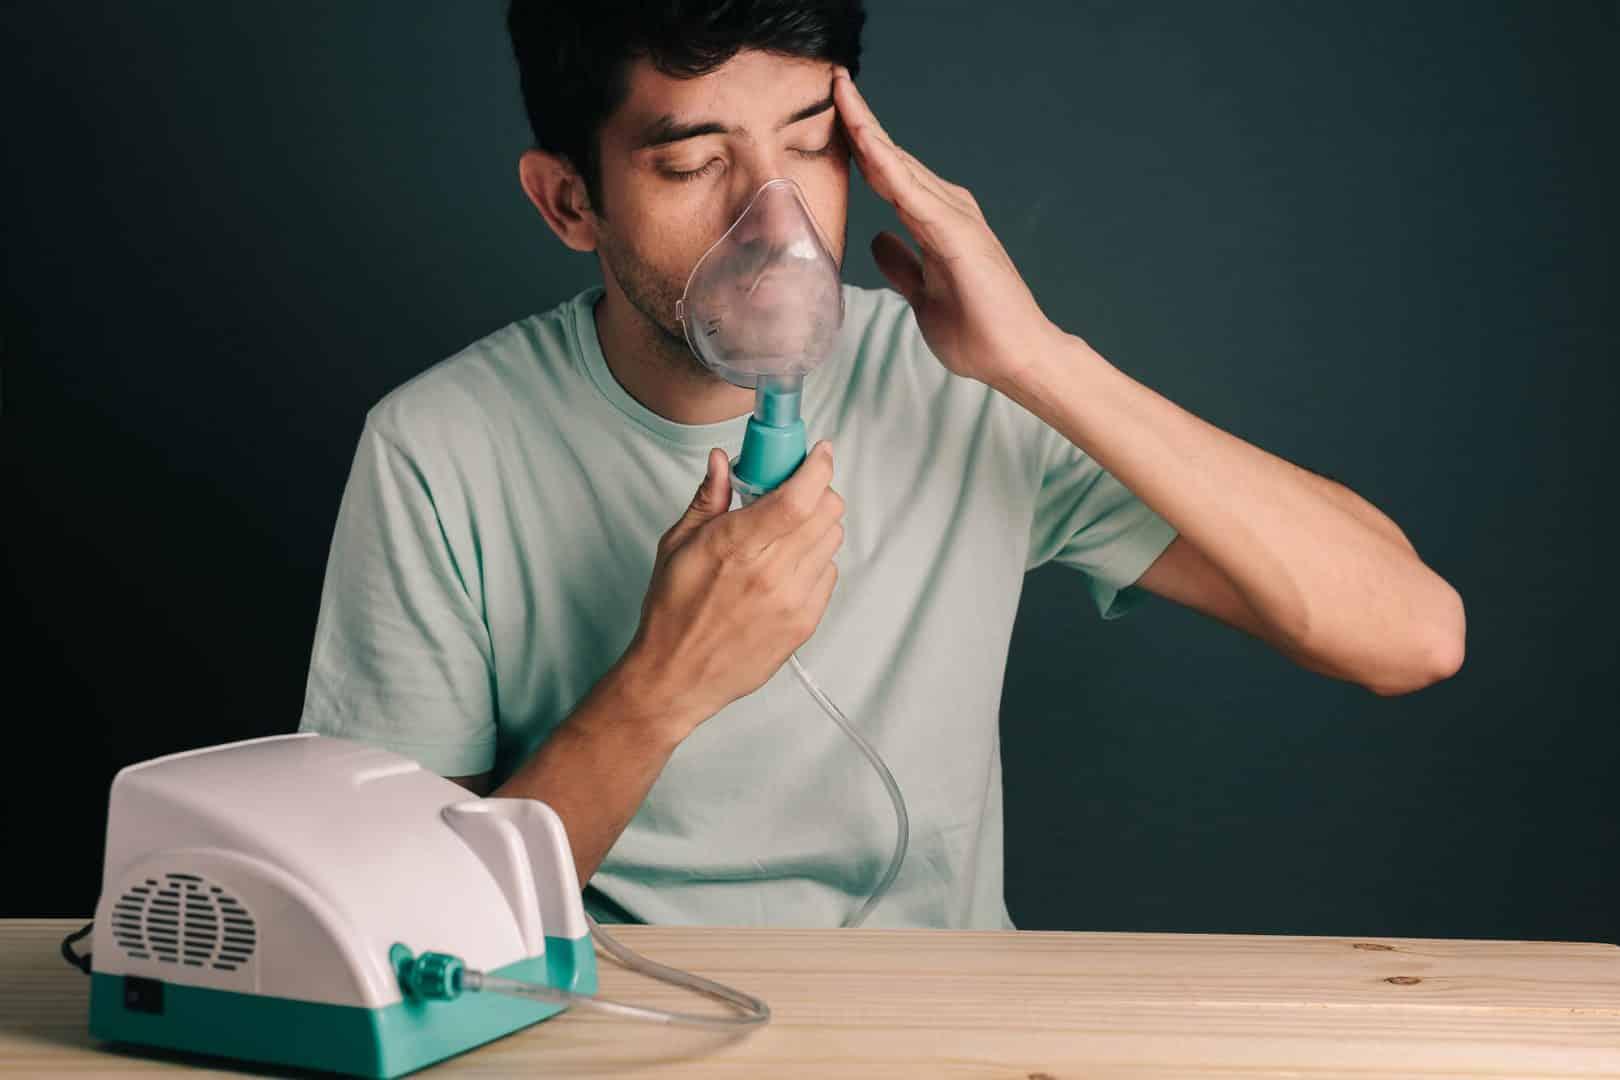 Remédio para sinusite: aprenda a fazer seu remédio sem sair de casa